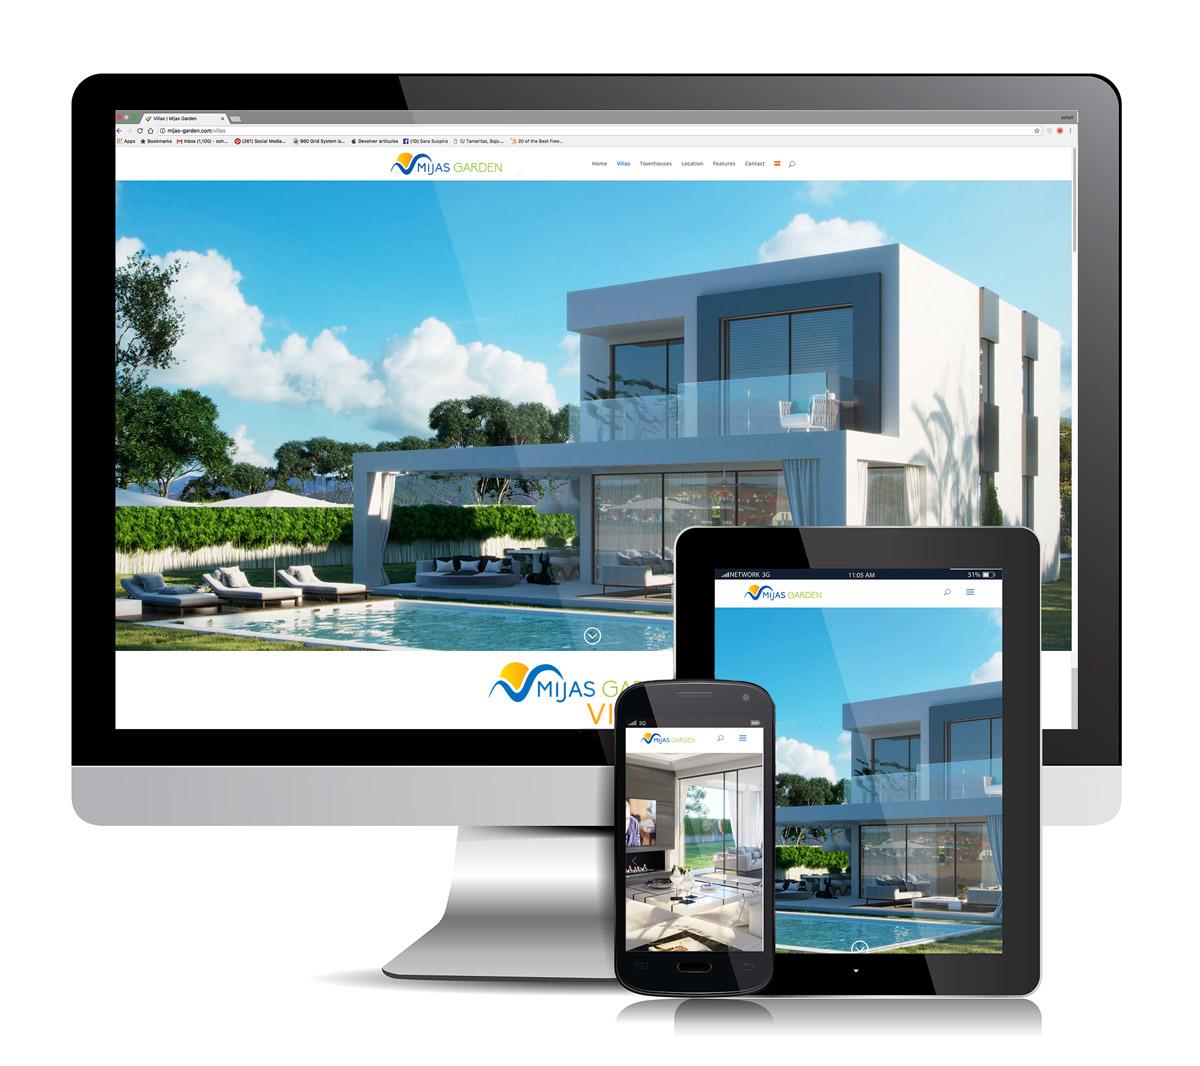 Mijas-Garden.com